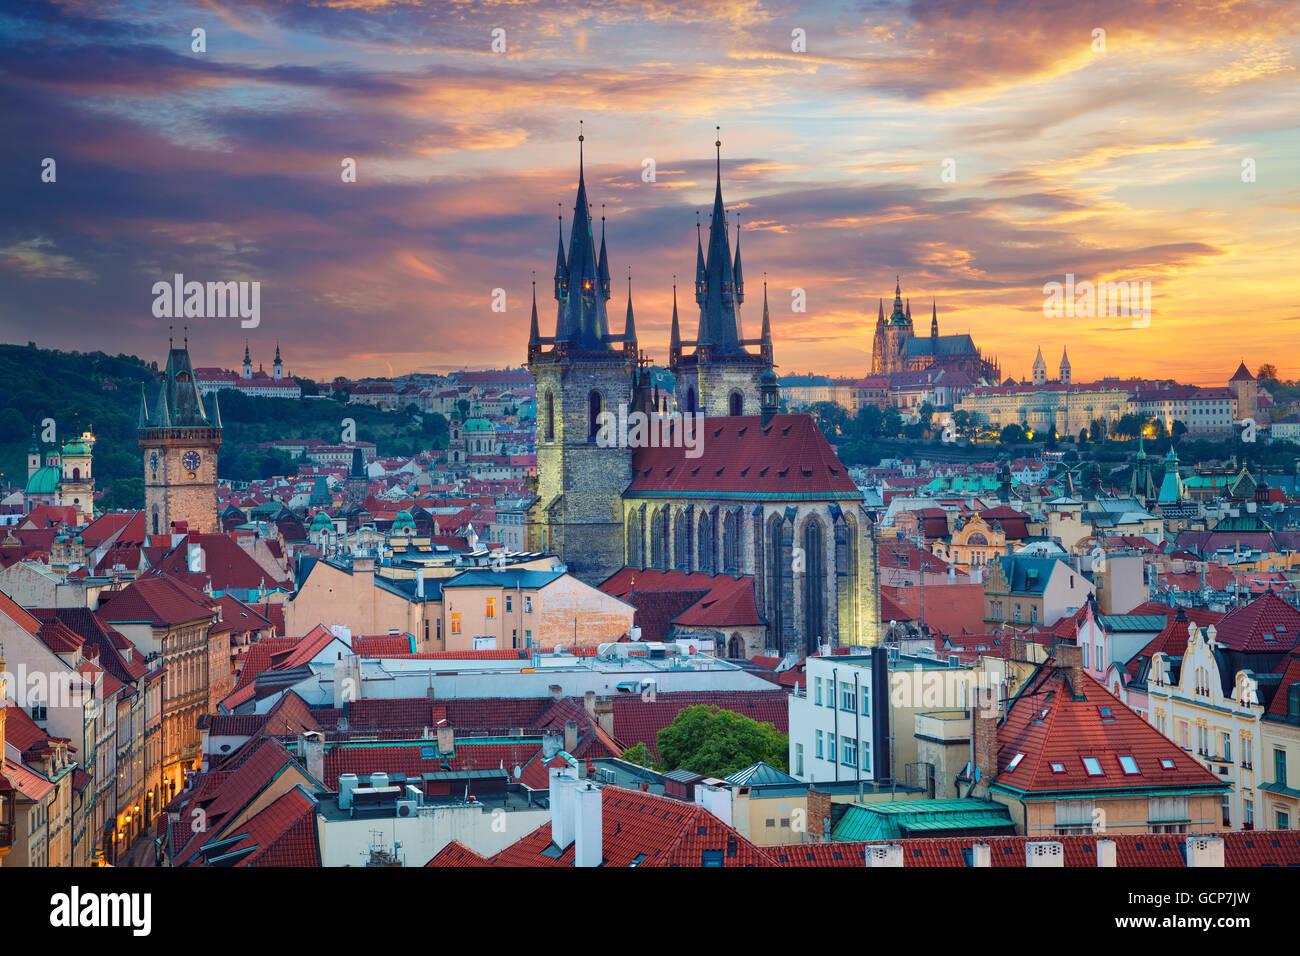 Prague. image de Prague, capitale de la République tchèque, pendant le coucher du soleil spectaculaire. Photo Stock